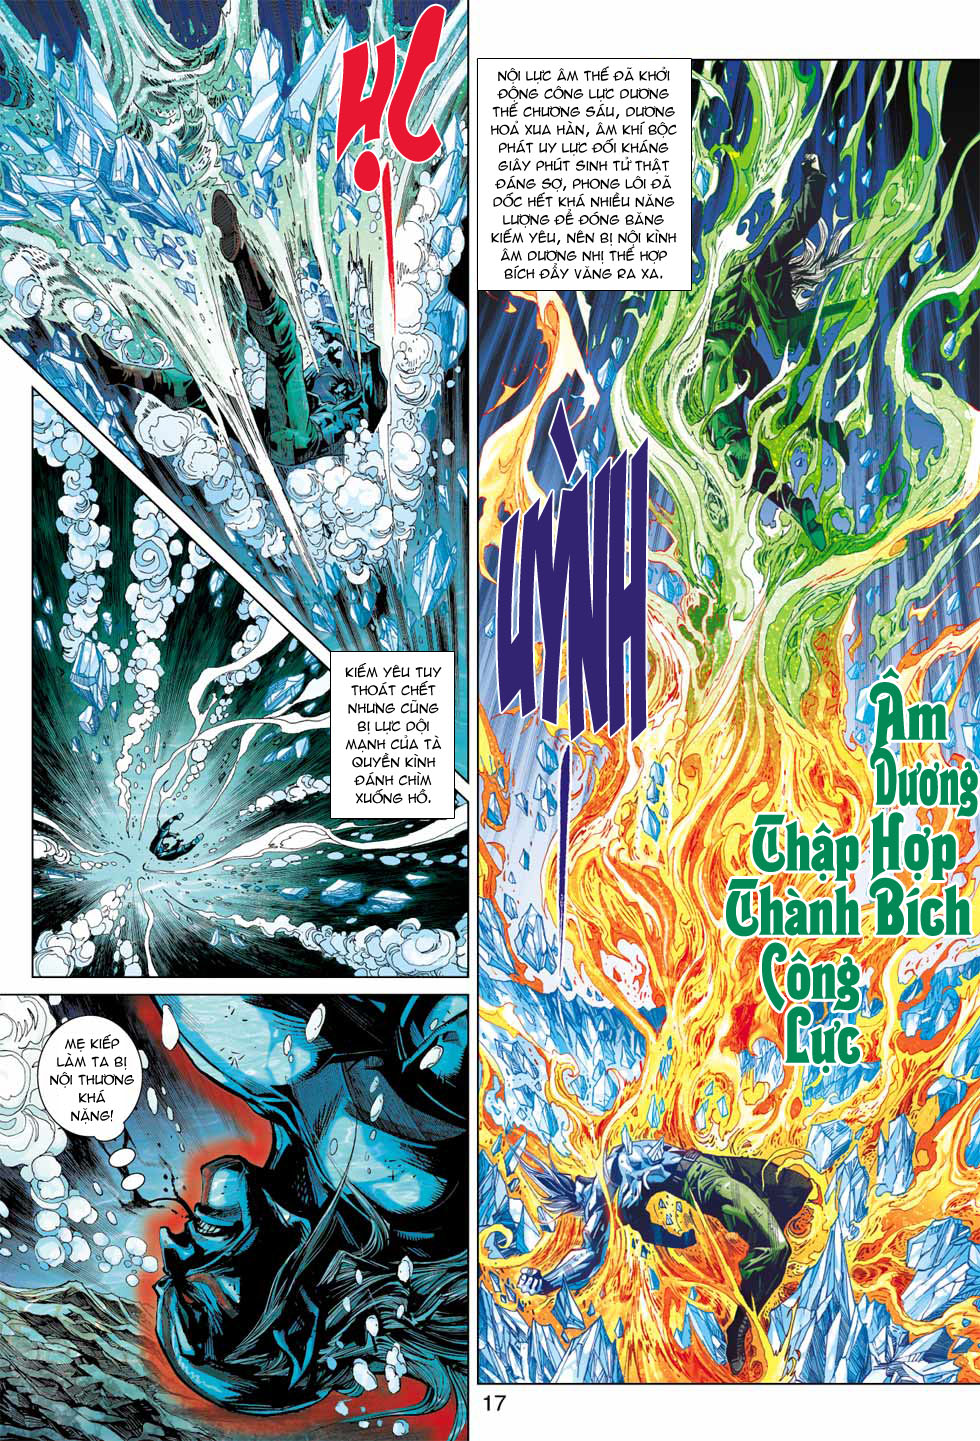 Tân Tác Long Hổ Môn trang 17